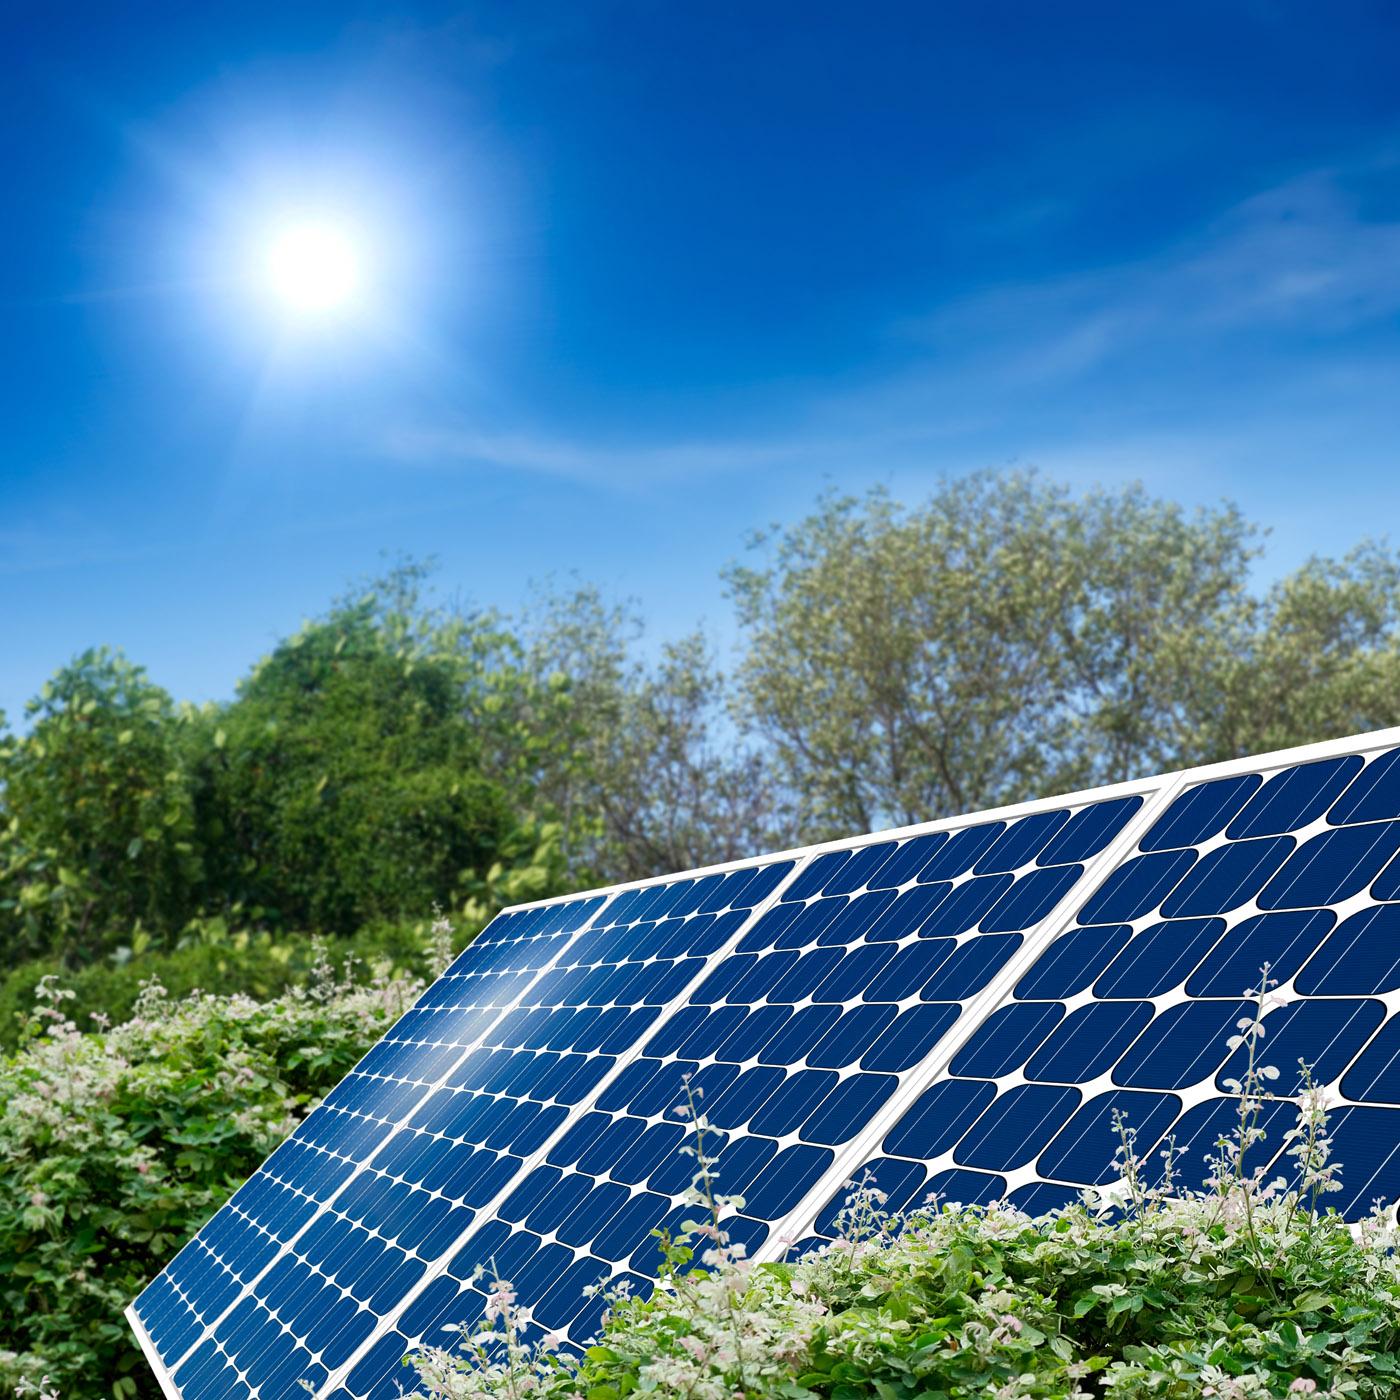 SolarPanelsFlowers.jpg